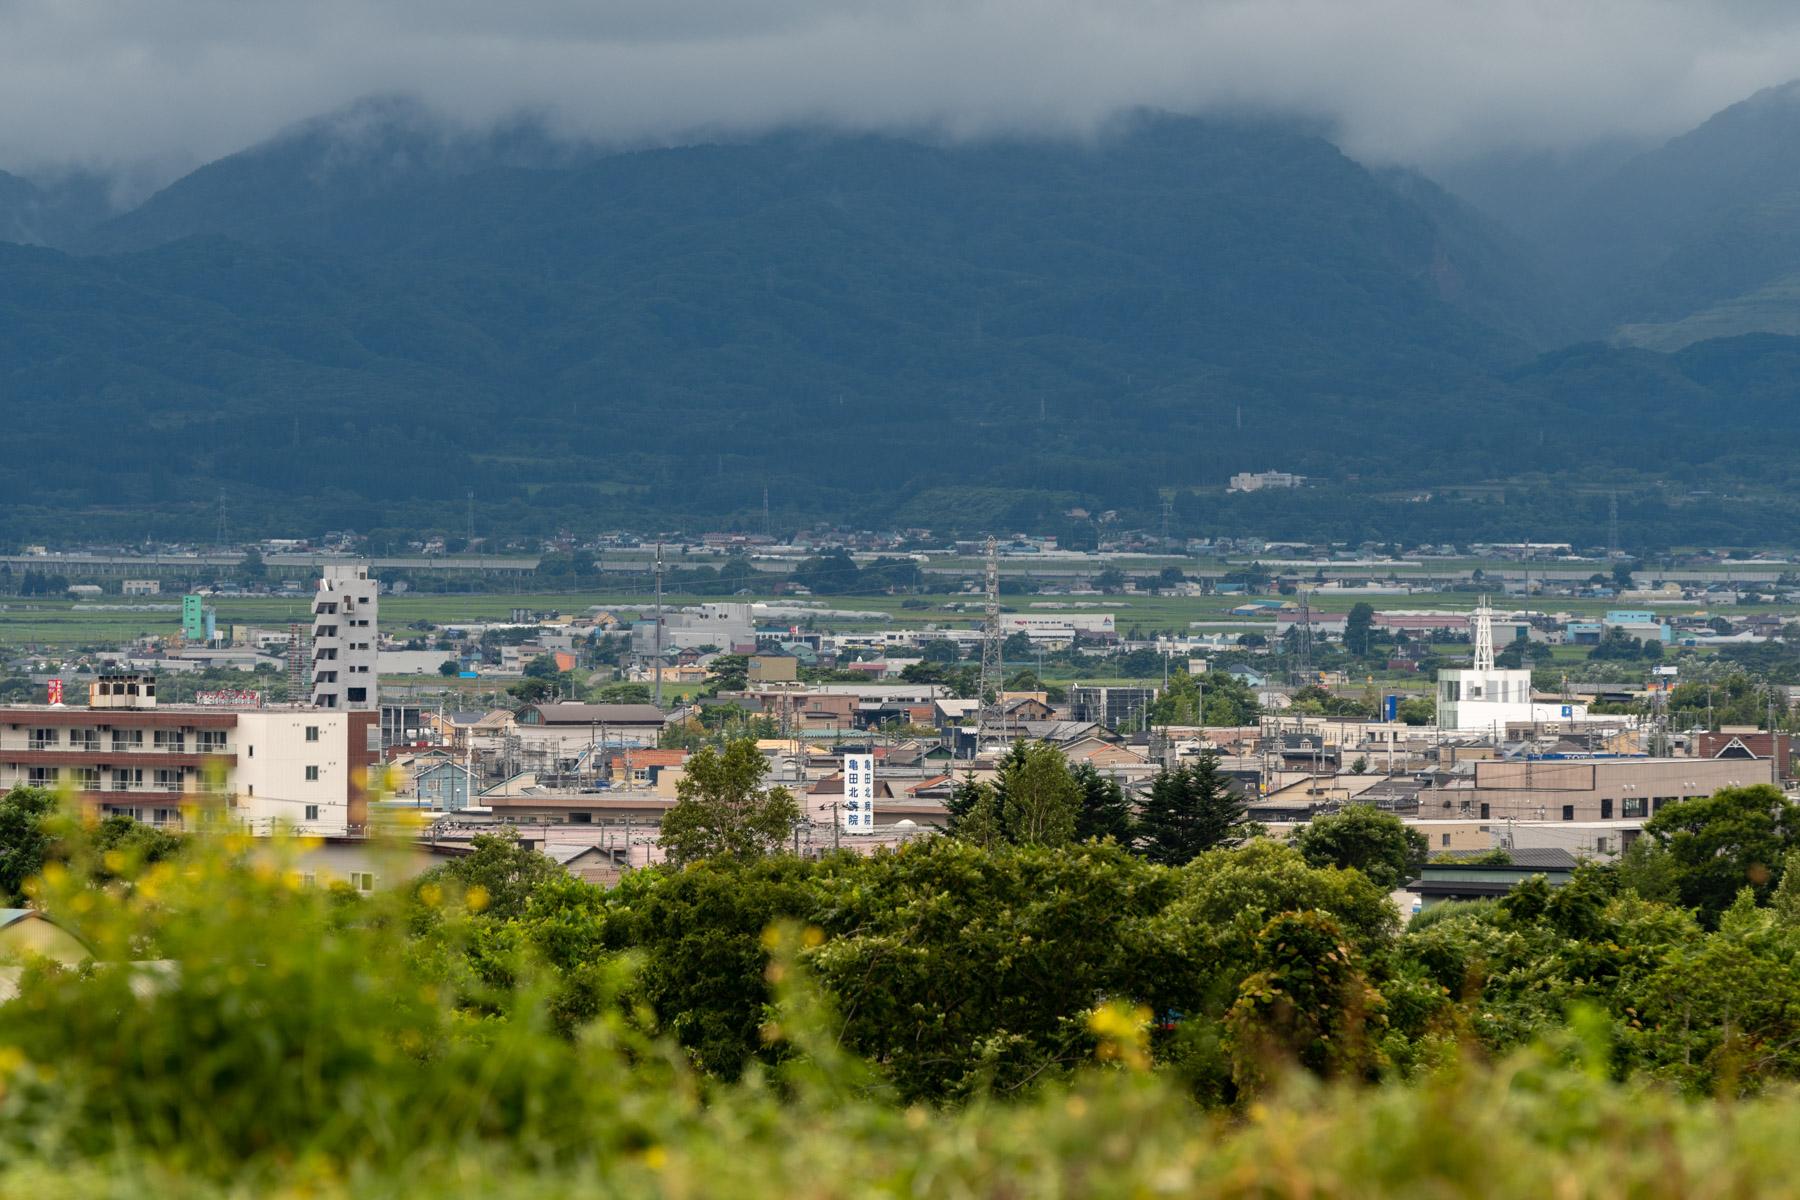 亀田中野の丘から大野方向を望む